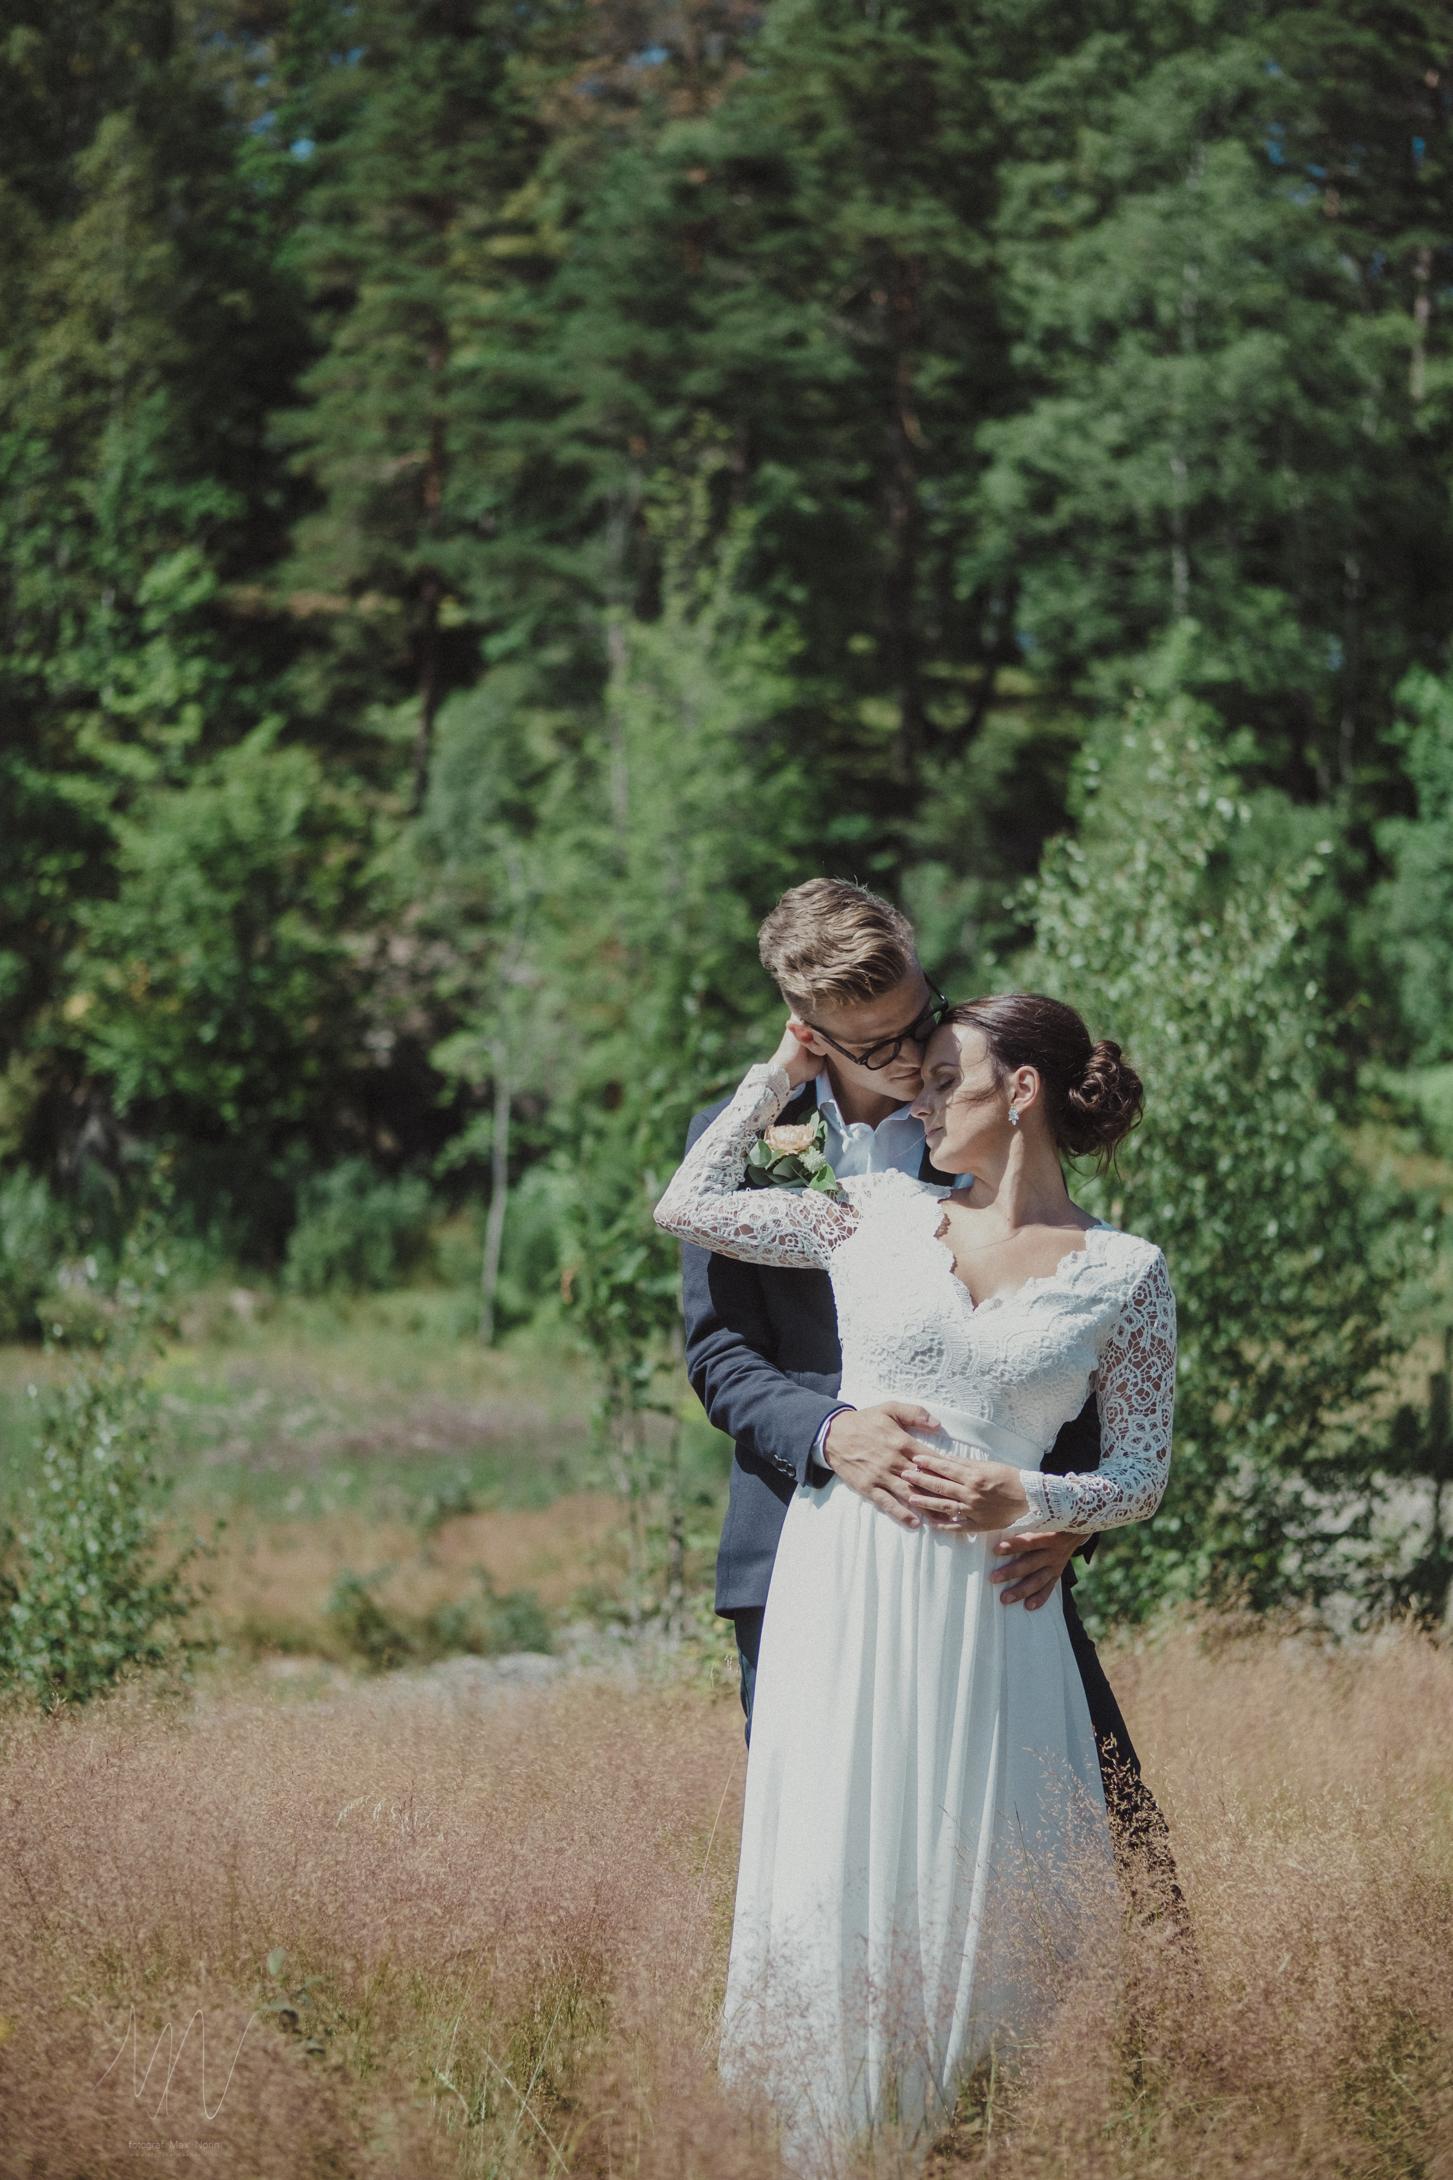 Er kärlek, min inspiration - Att dokumentera kärlek är en ynnest. Att få vara där under de magiska ögonblicken när kärleken blixtrar. Titta på de bröllop jag fotat genom att klicka här:Läs mer ➝